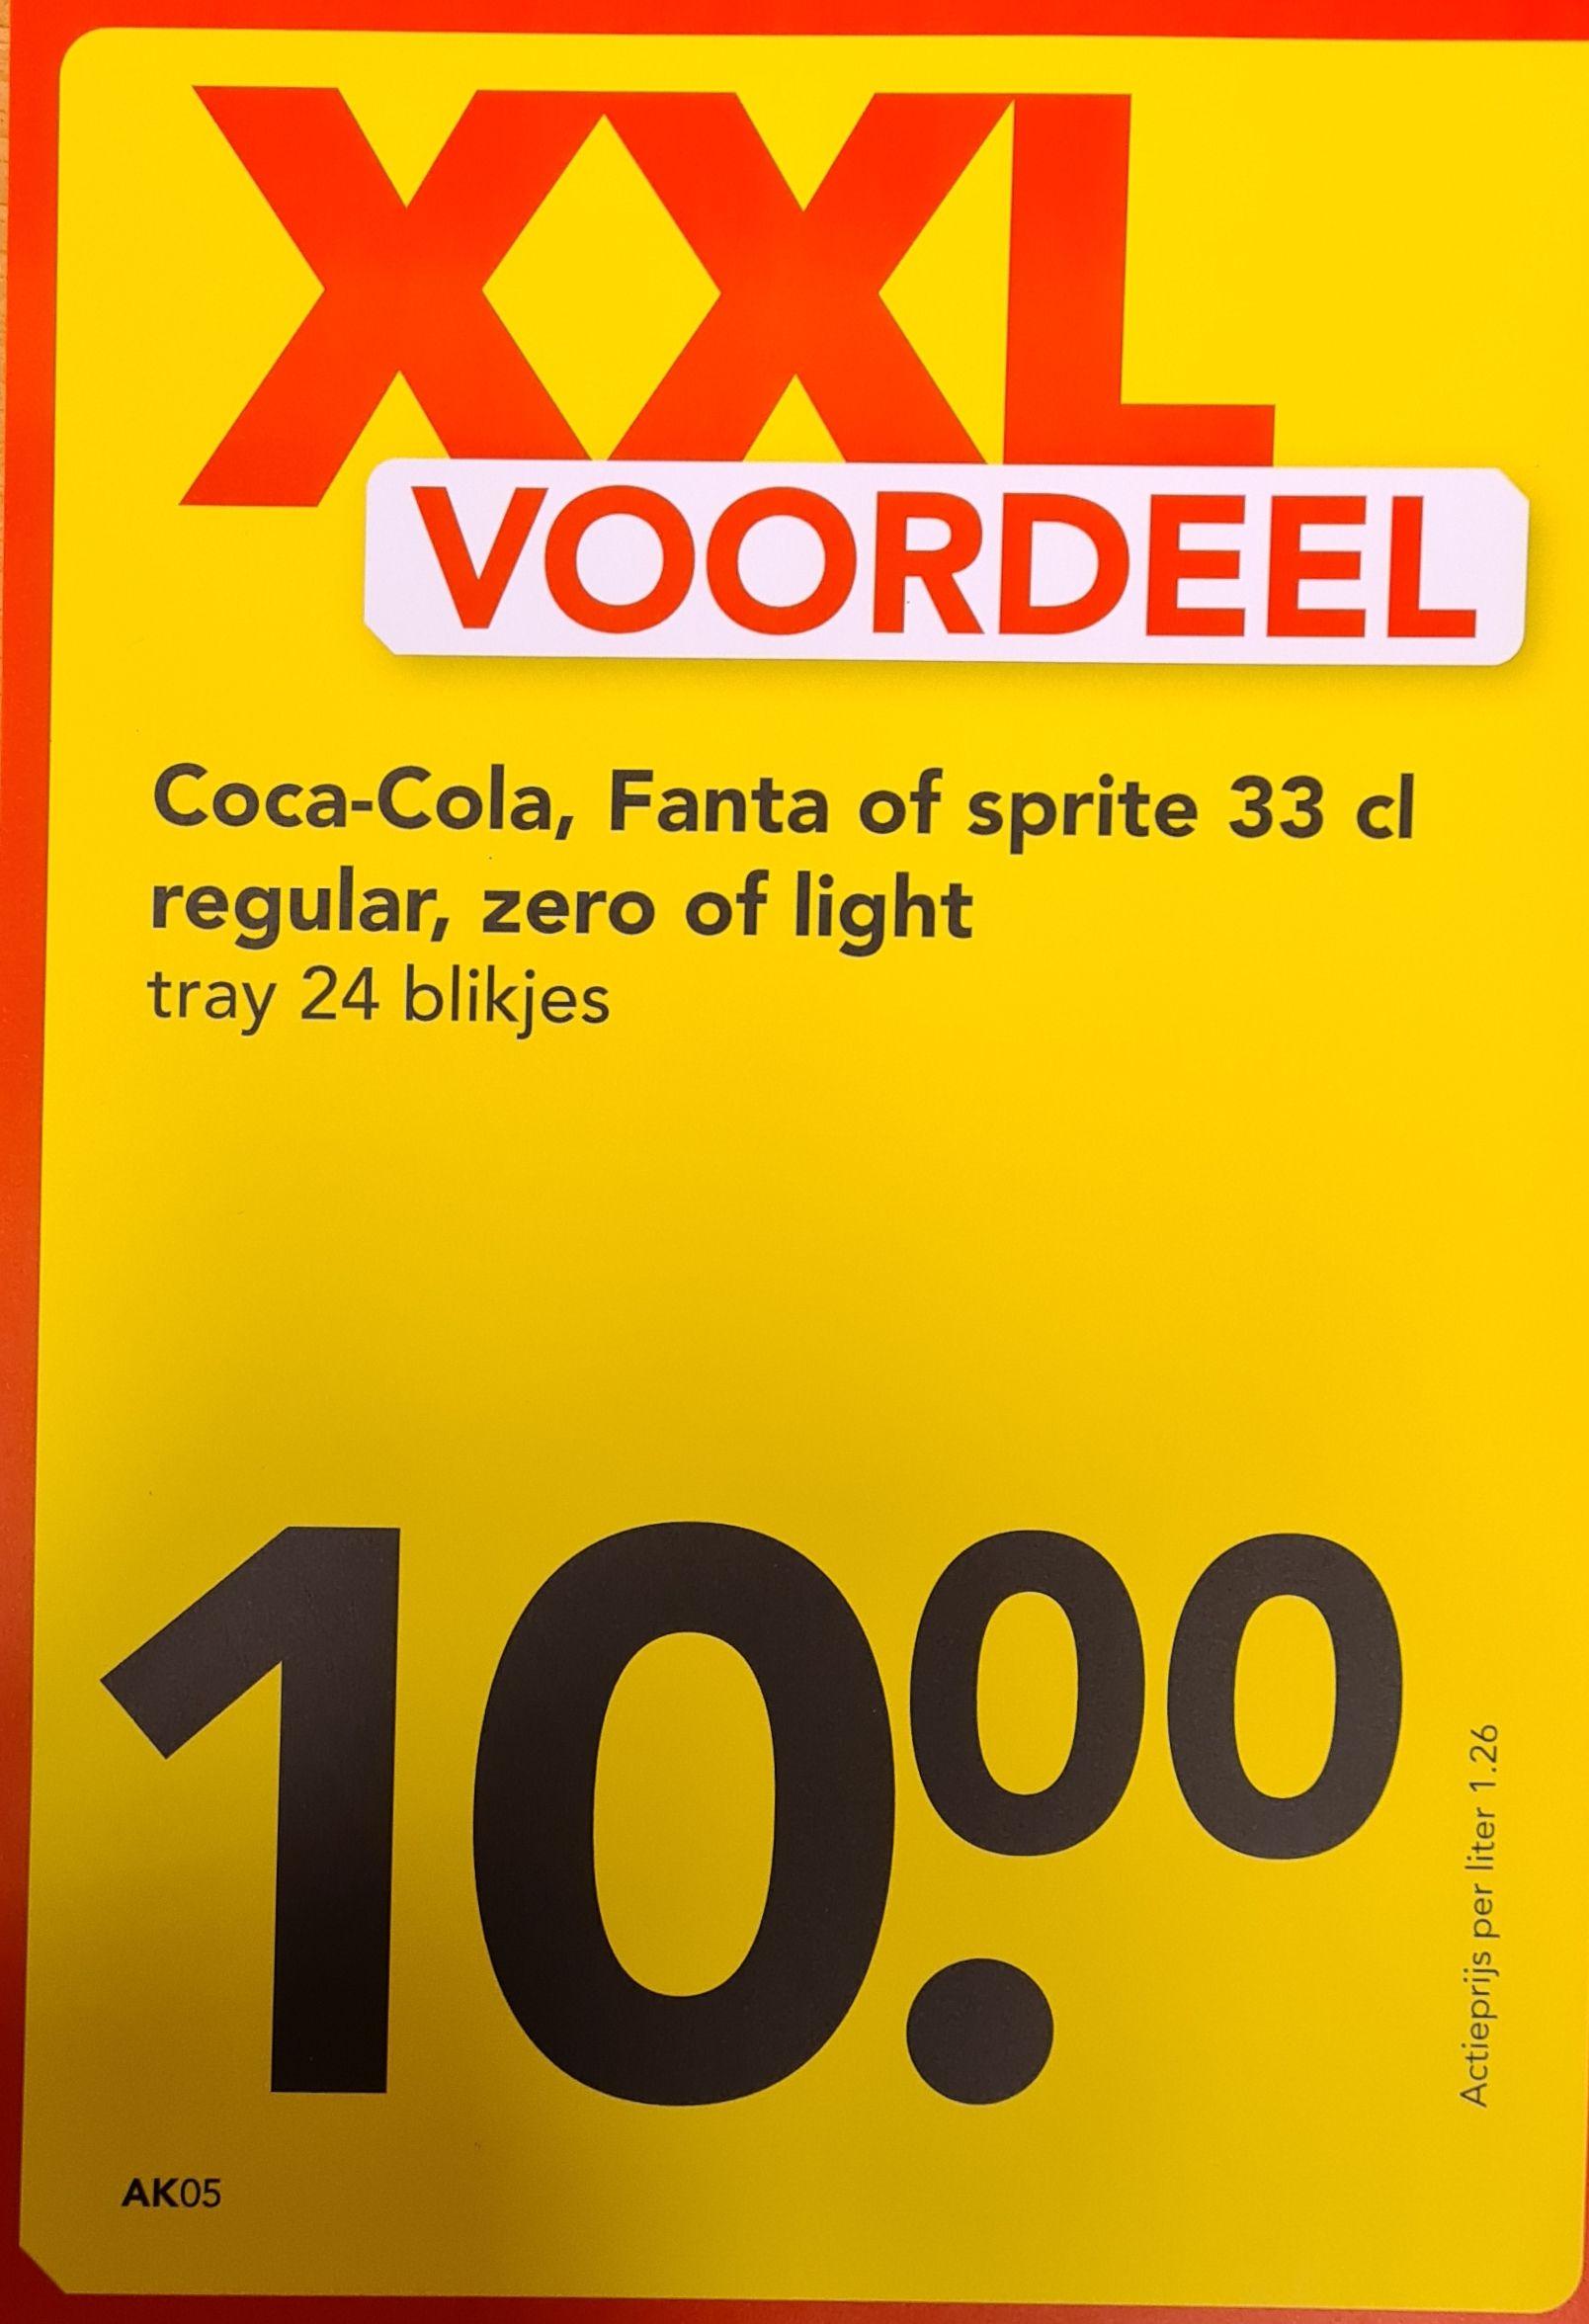 Coca-Cola, Fanta en sprite tray 24x33cl.